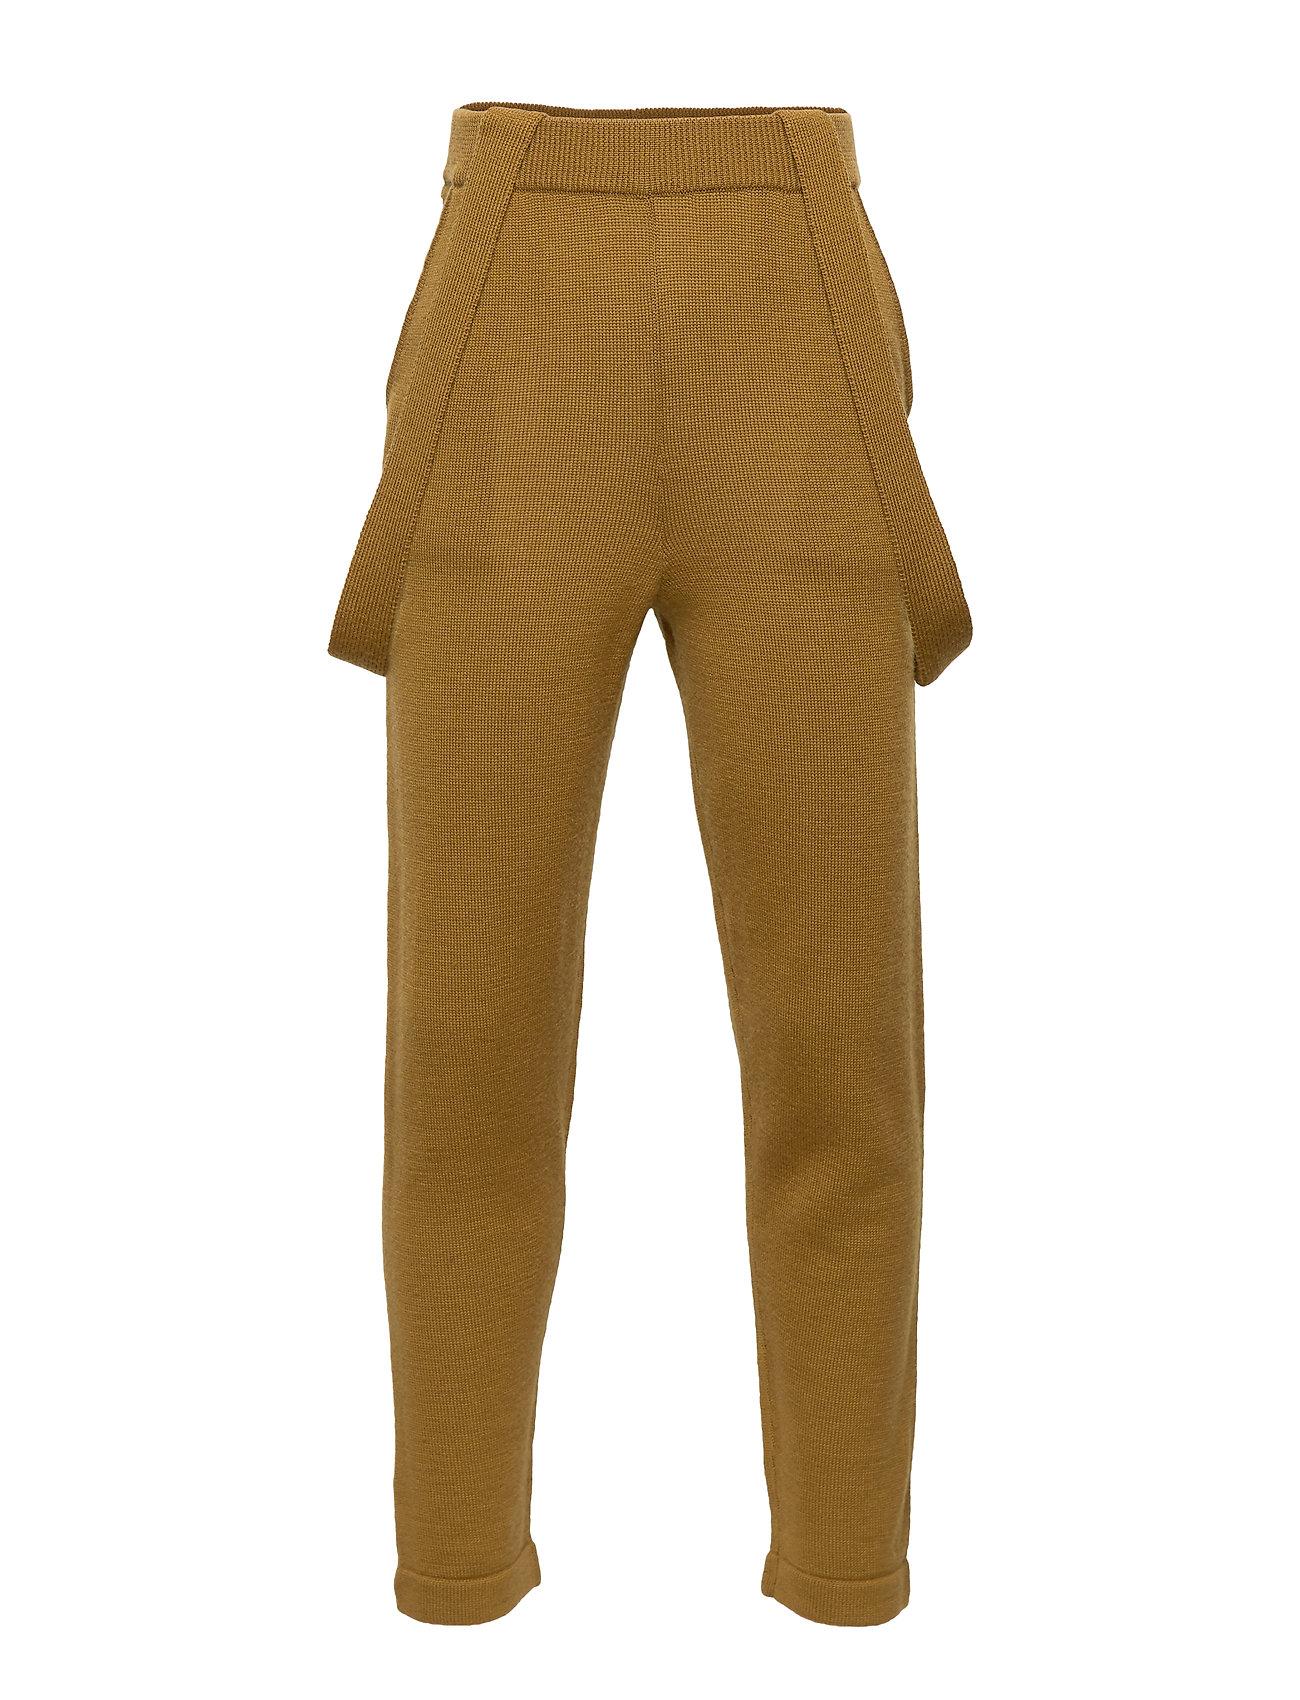 Image of Pants Bukser Brun FUB (3220494011)